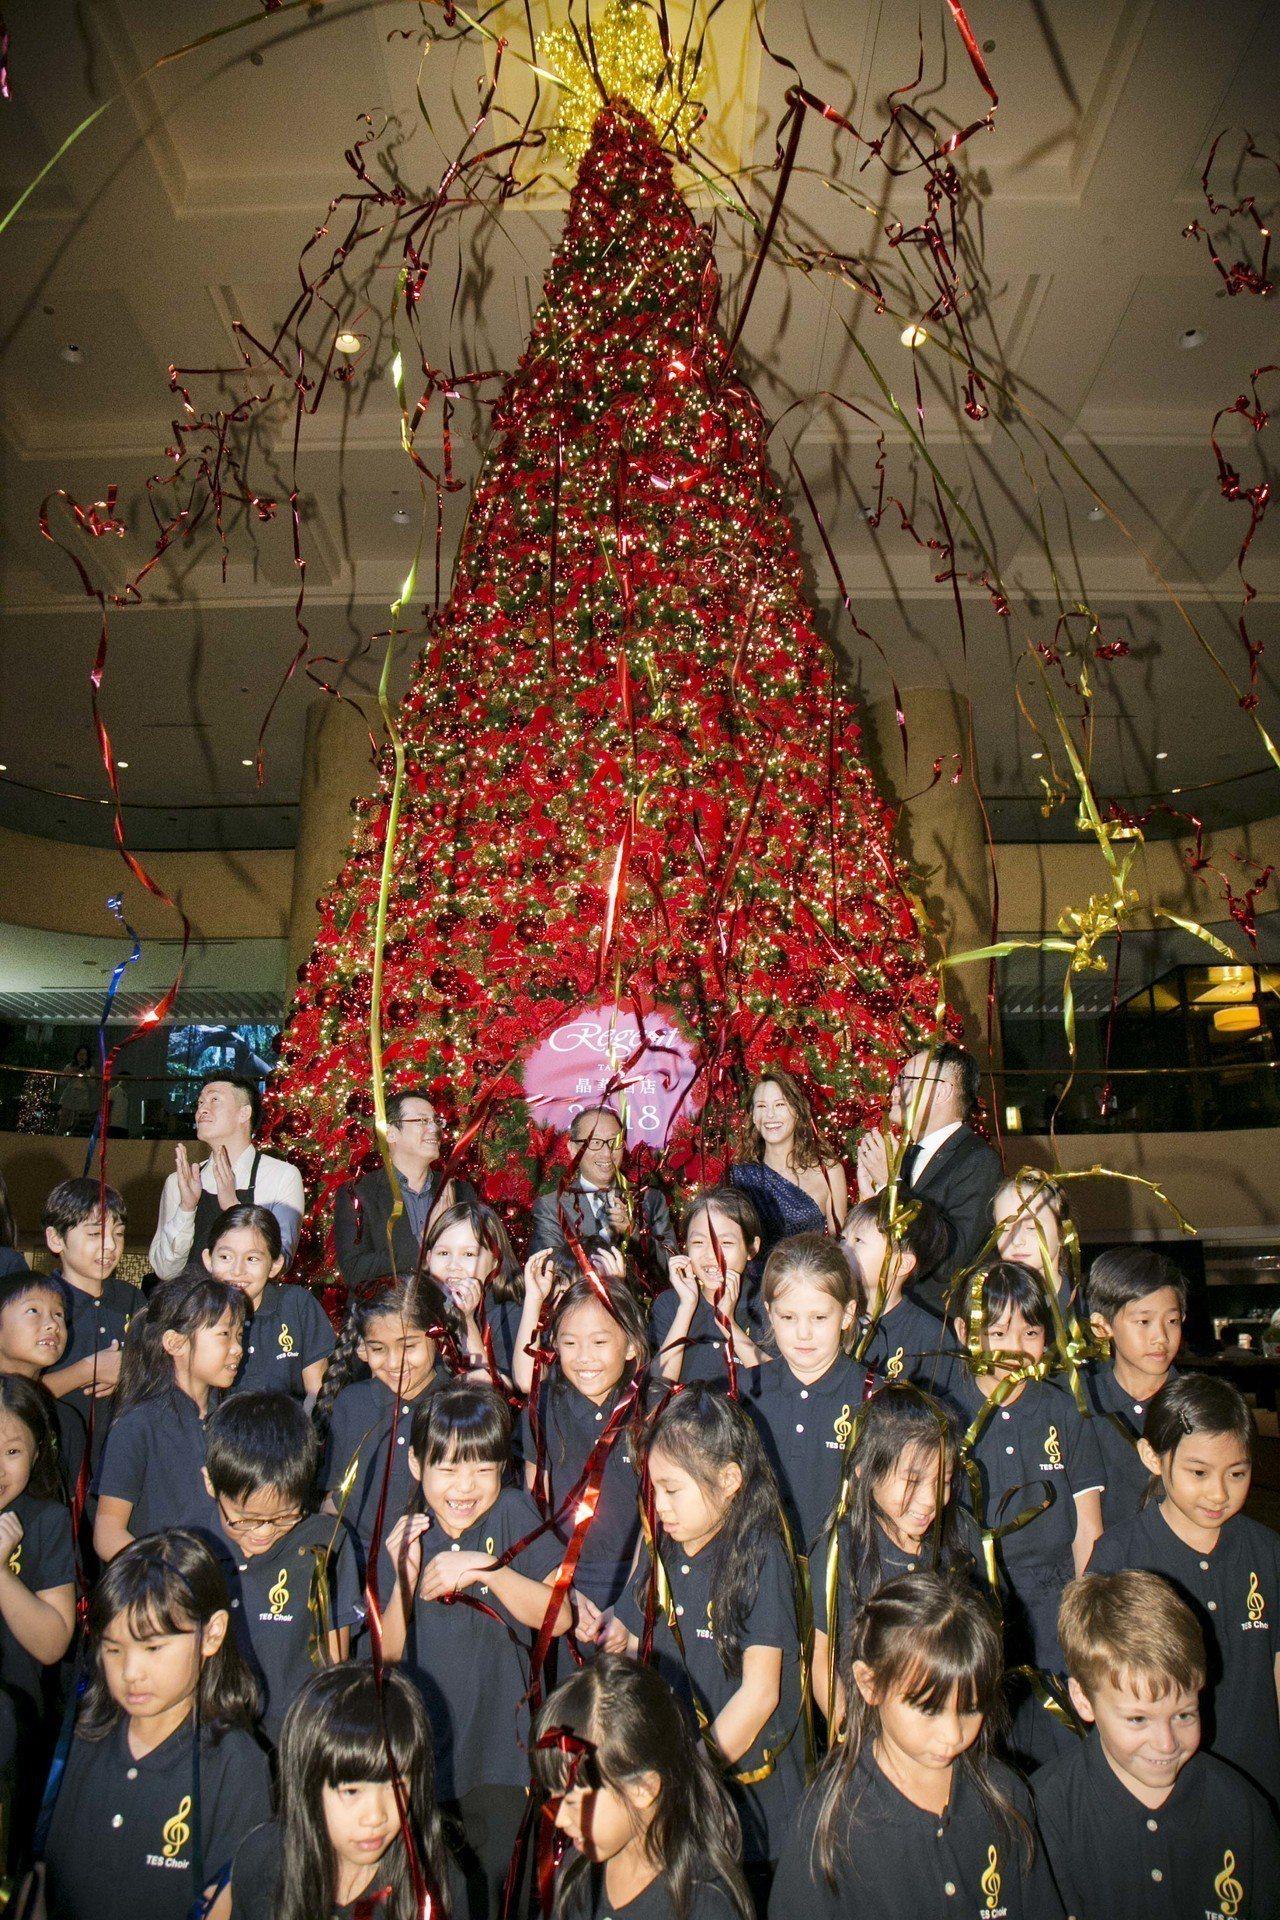 台北晶華酒店遵循著延續了26年的傳統,在飯店中庭搭建起三層樓高的聖誕樹。